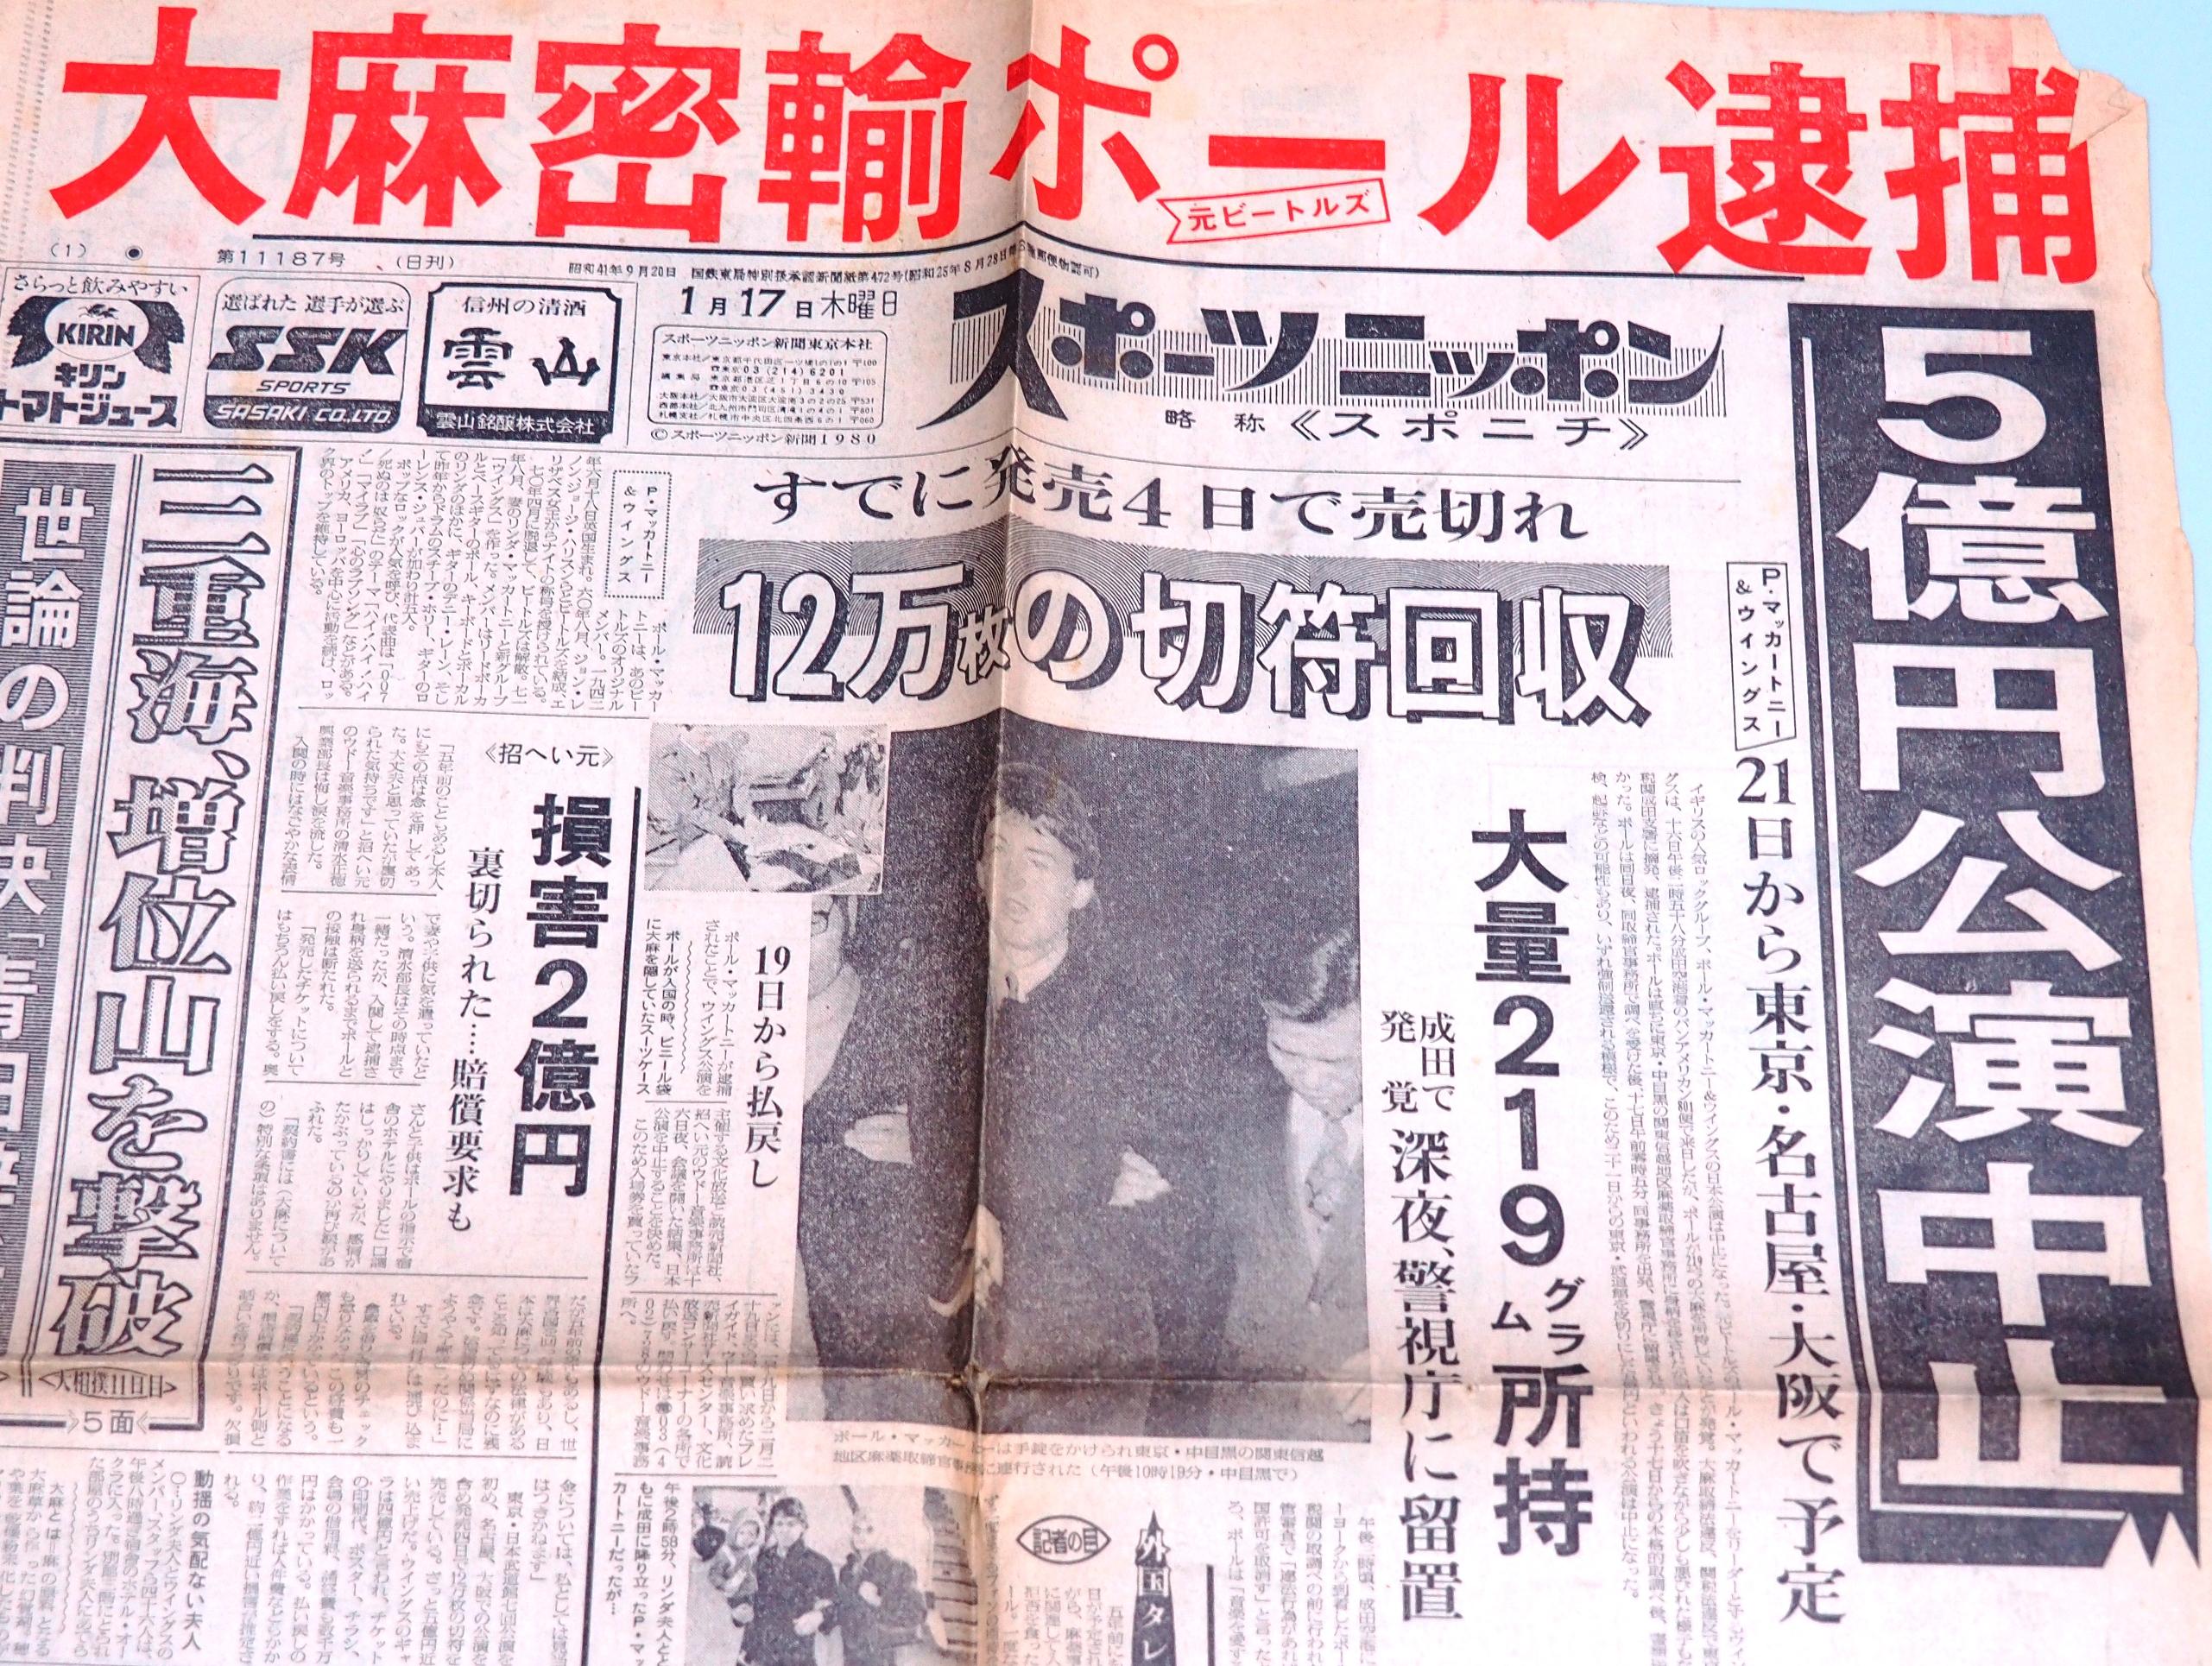 「ポール逮捕」を報じる、1980年1月17日付のスポーツニッポン。